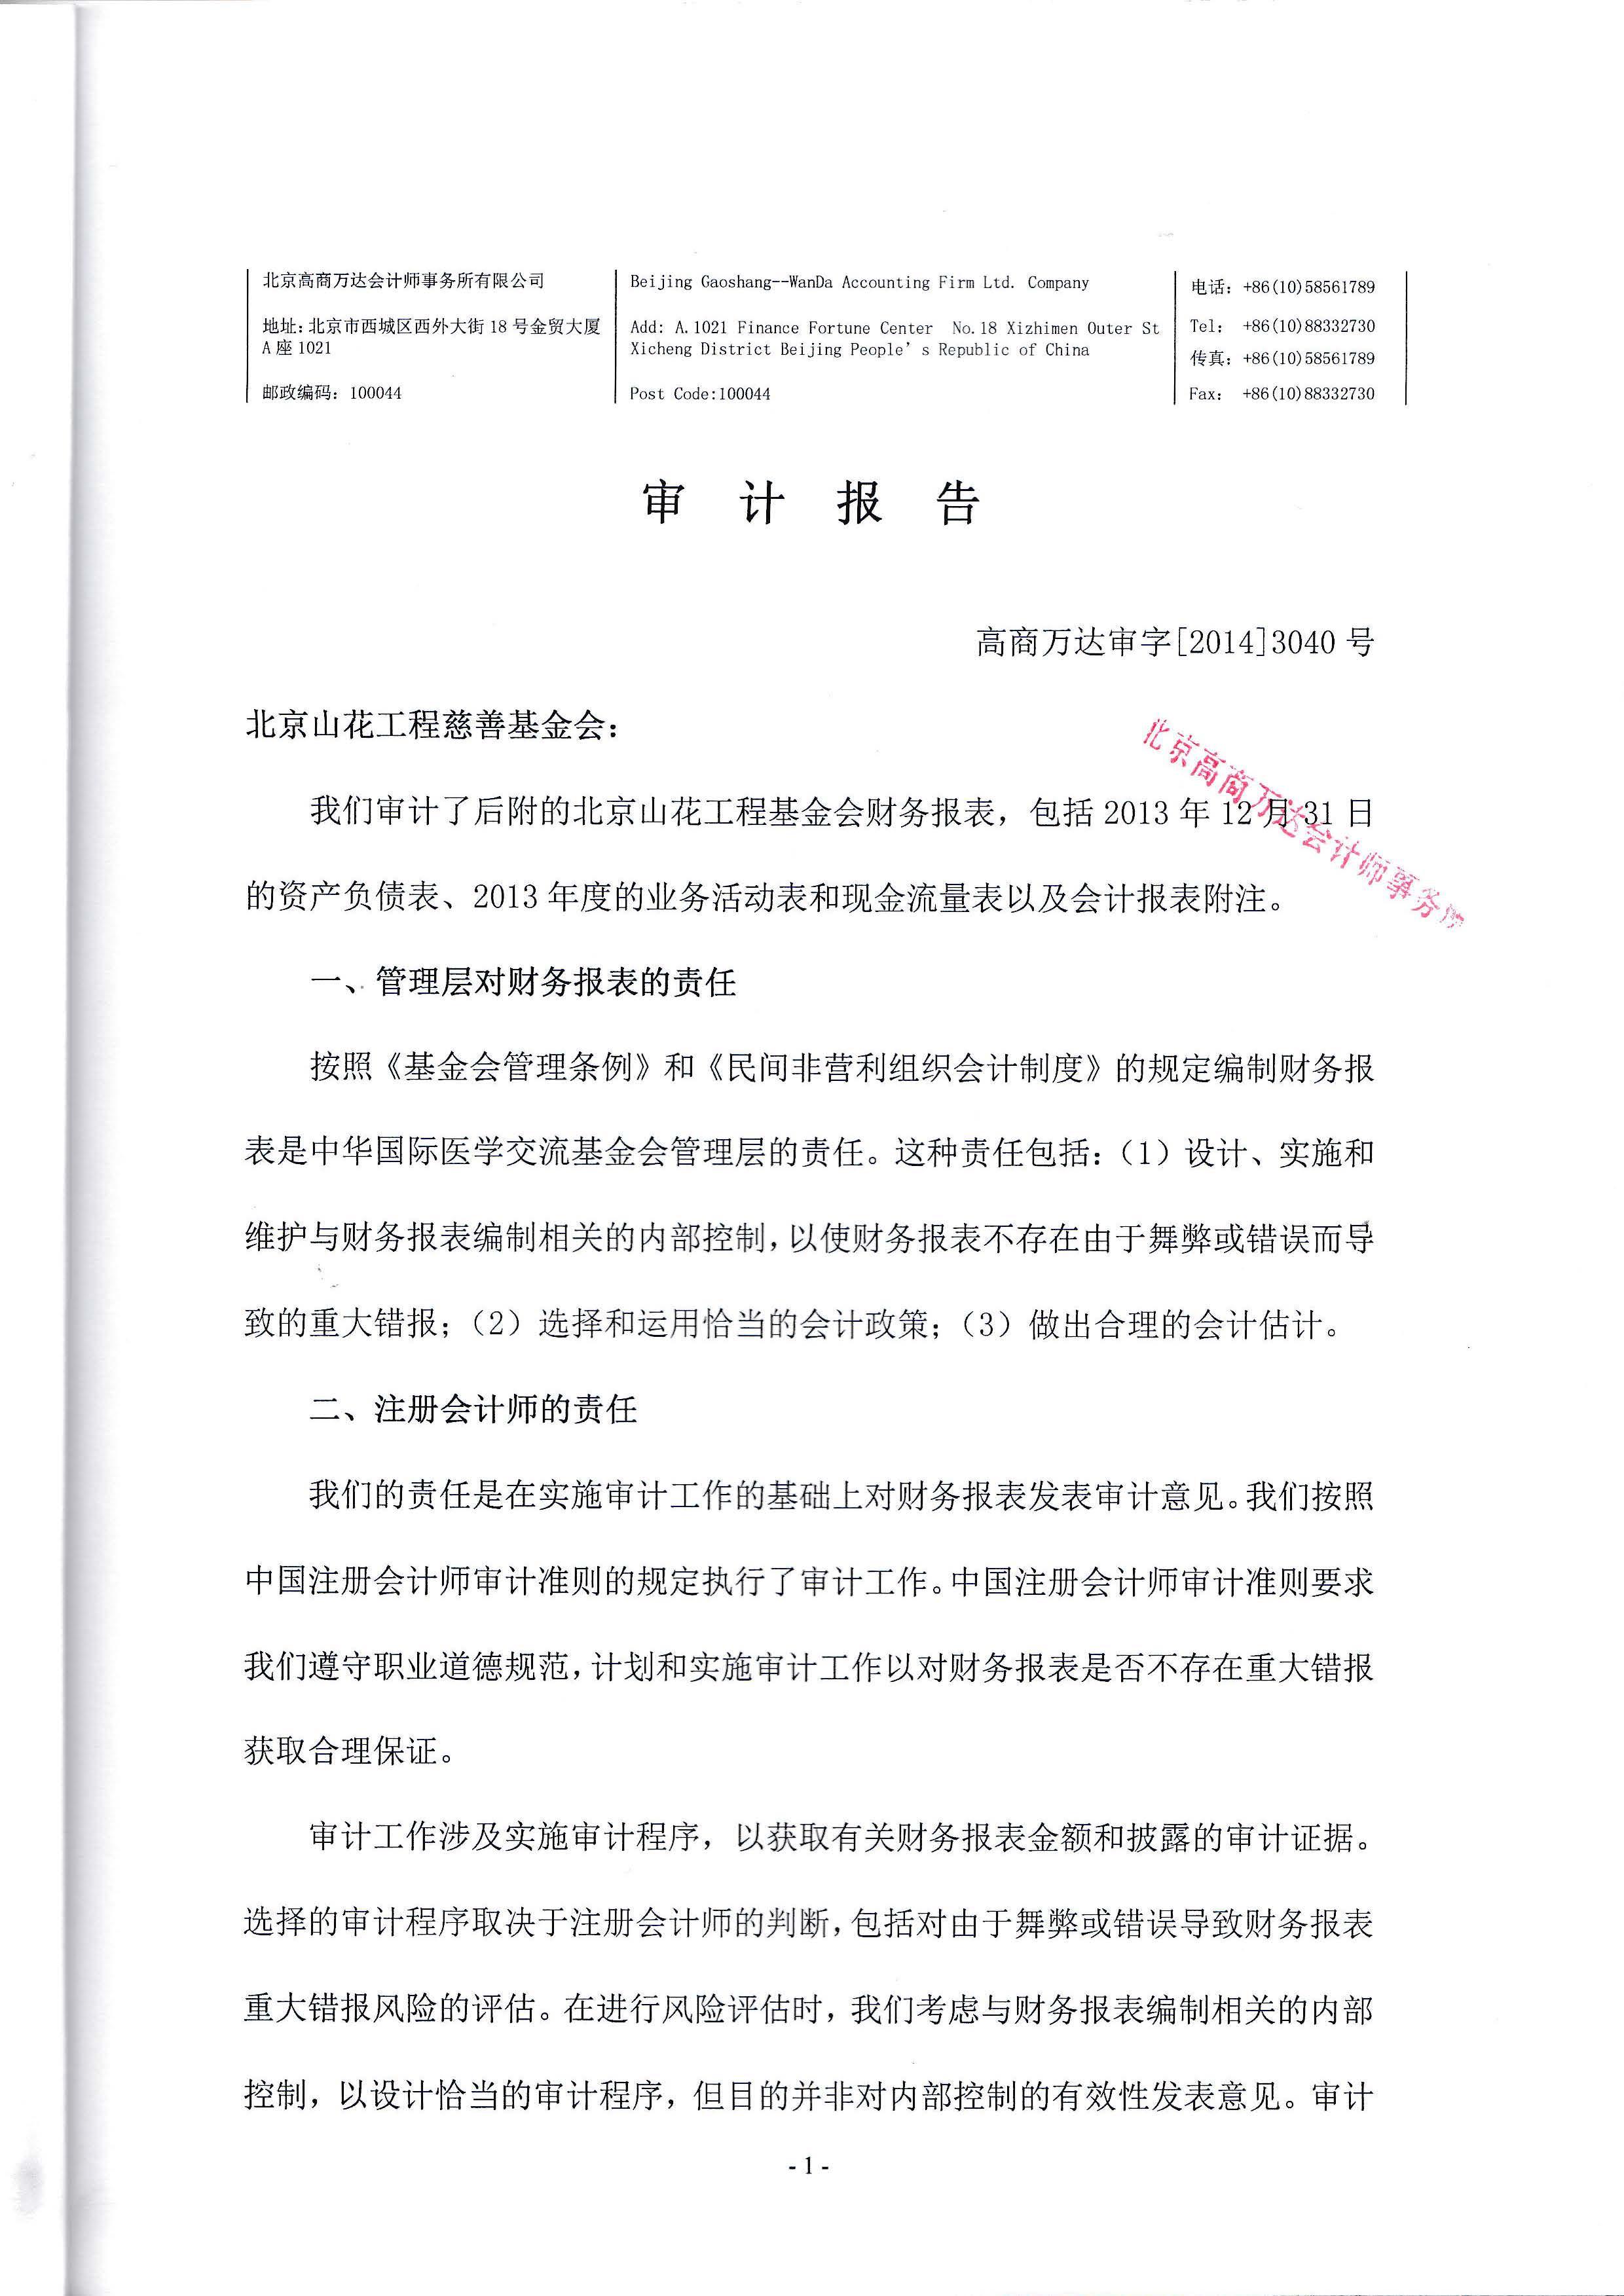 2013审计报告_页面_03